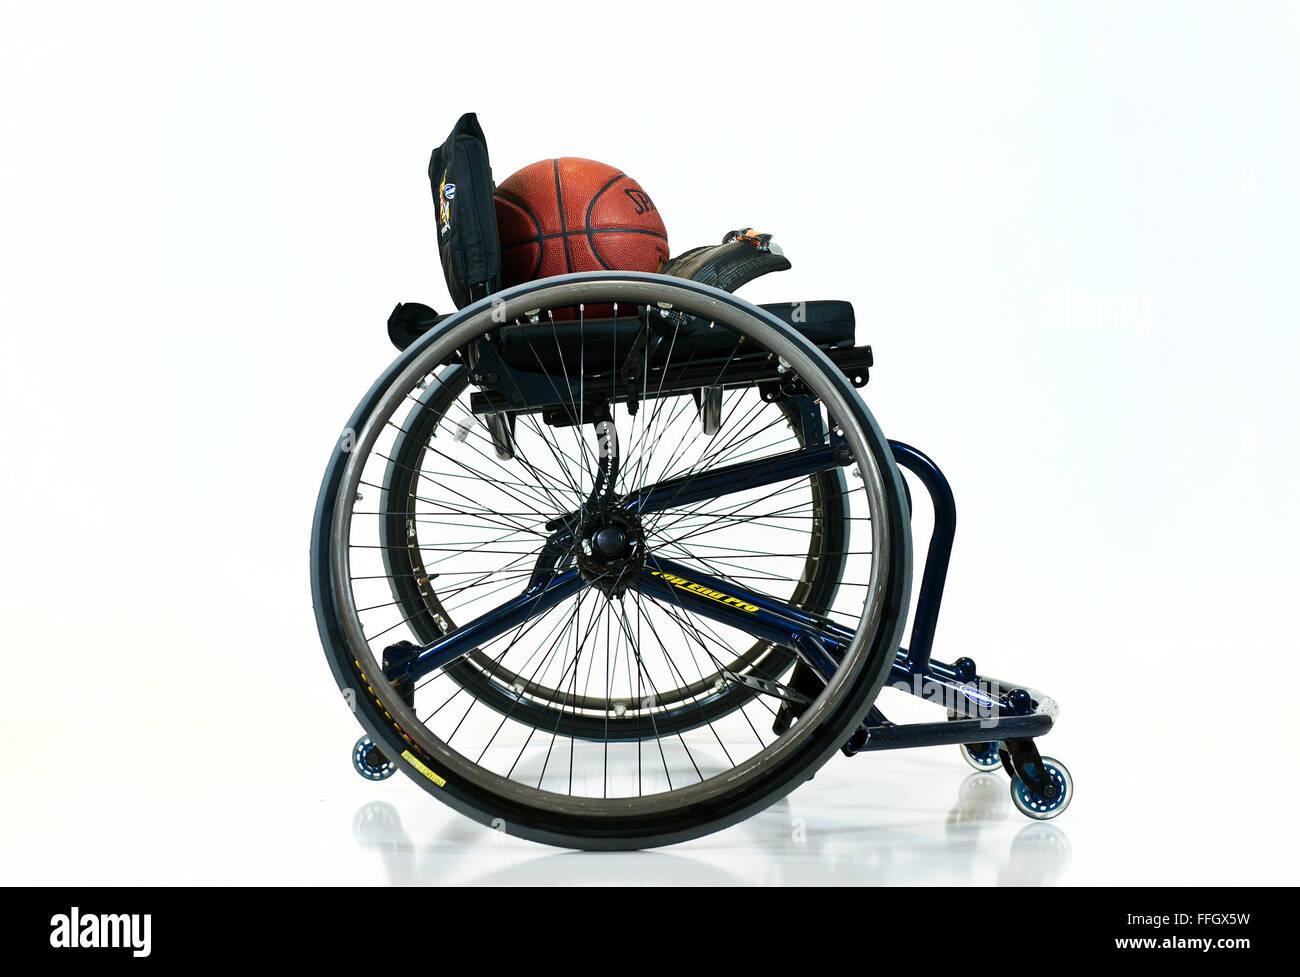 Warrior giochi basket in carrozzella giochi seguono le stesse regole della NCAA con poche modifiche per ospitare Immagini Stock